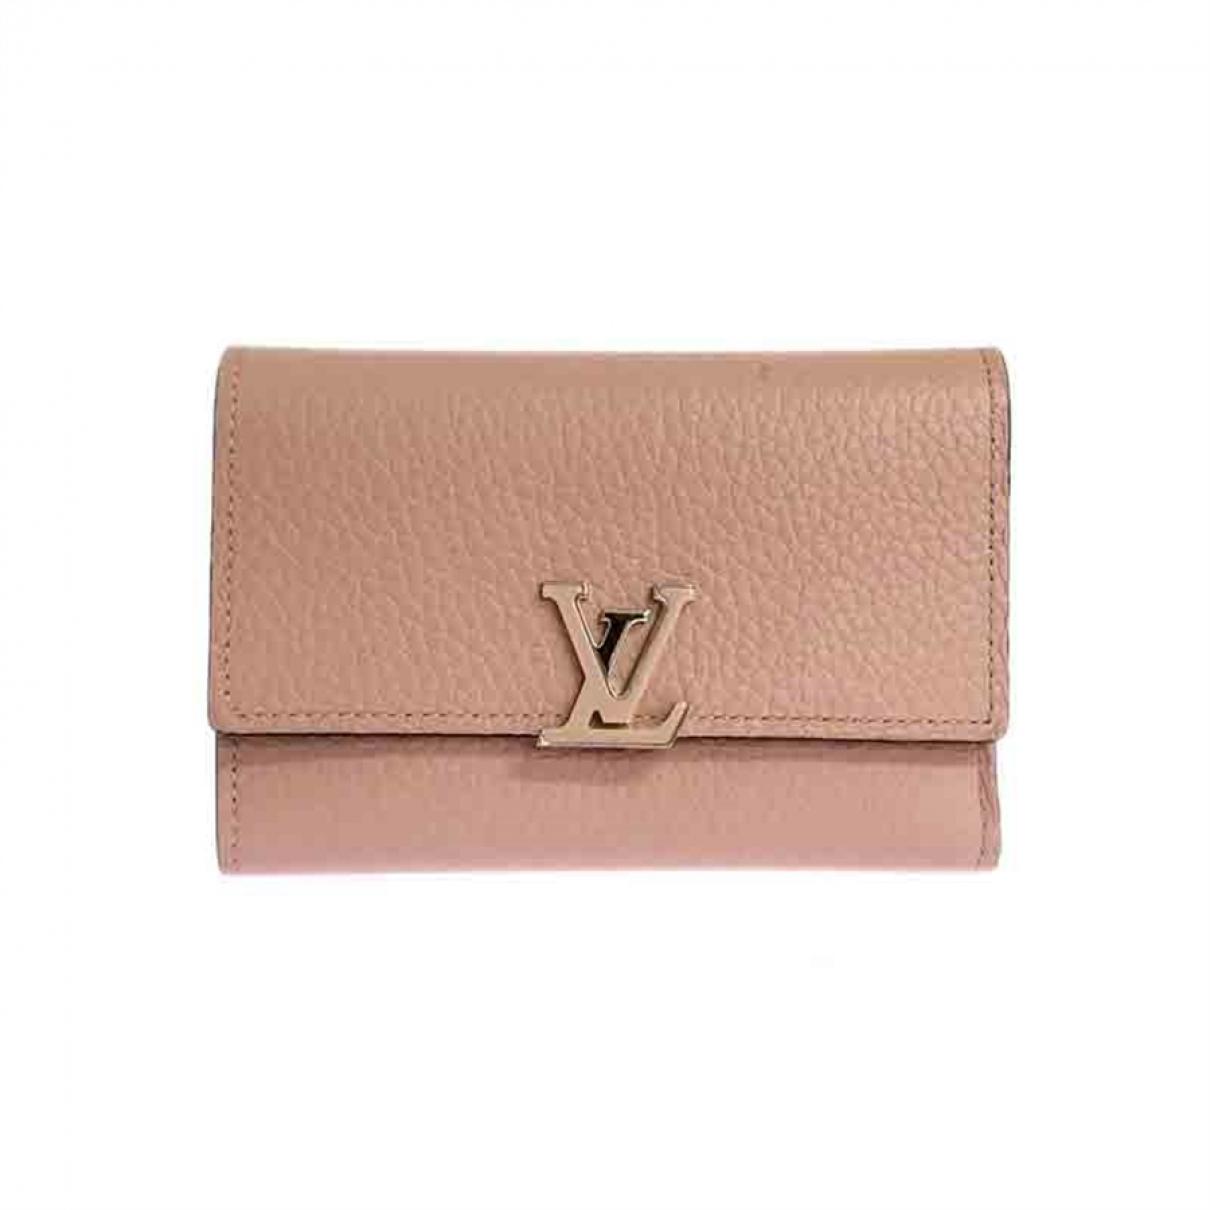 Cartera Capucines de Cuero Louis Vuitton